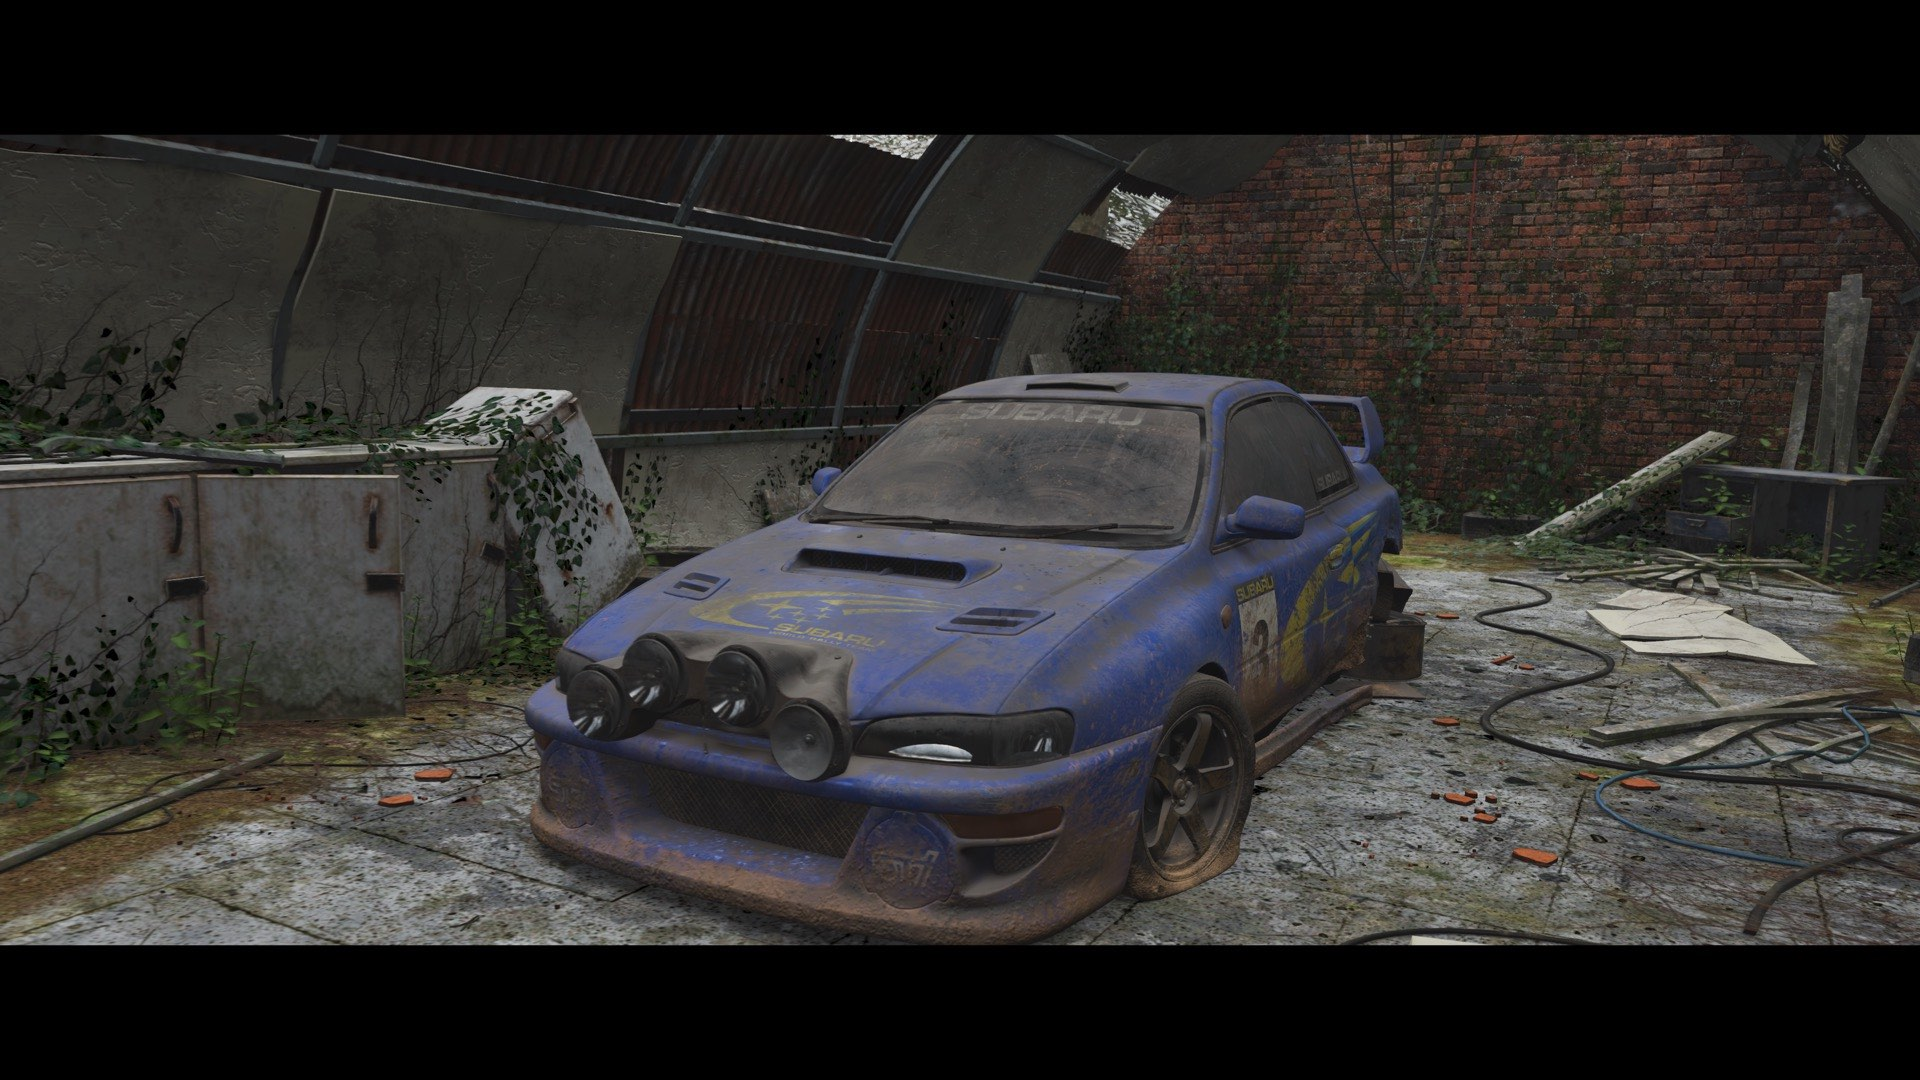 Forza Horizon 4 Notre Guide Pour Trouver Les 15 Tr 233 Sors